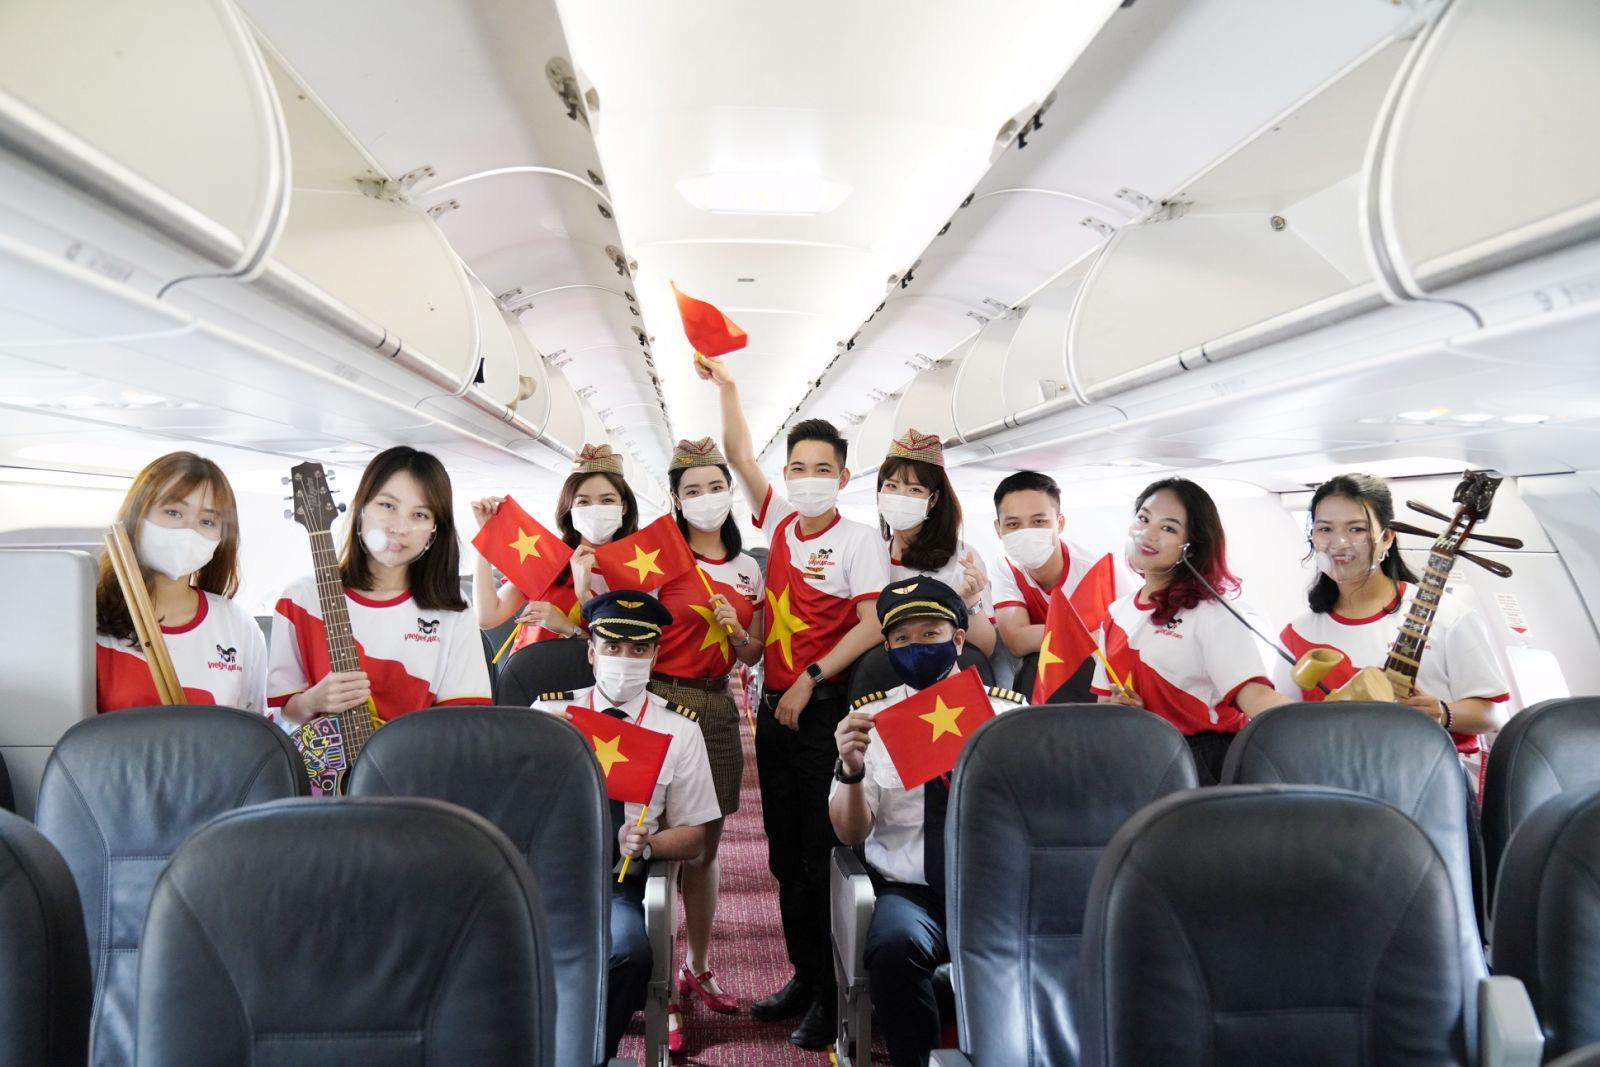 Hành trình đặc biệt mừng ngày Thống nhất đất nước 30/4 trên tàu bay Vietjet - Ảnh 2.